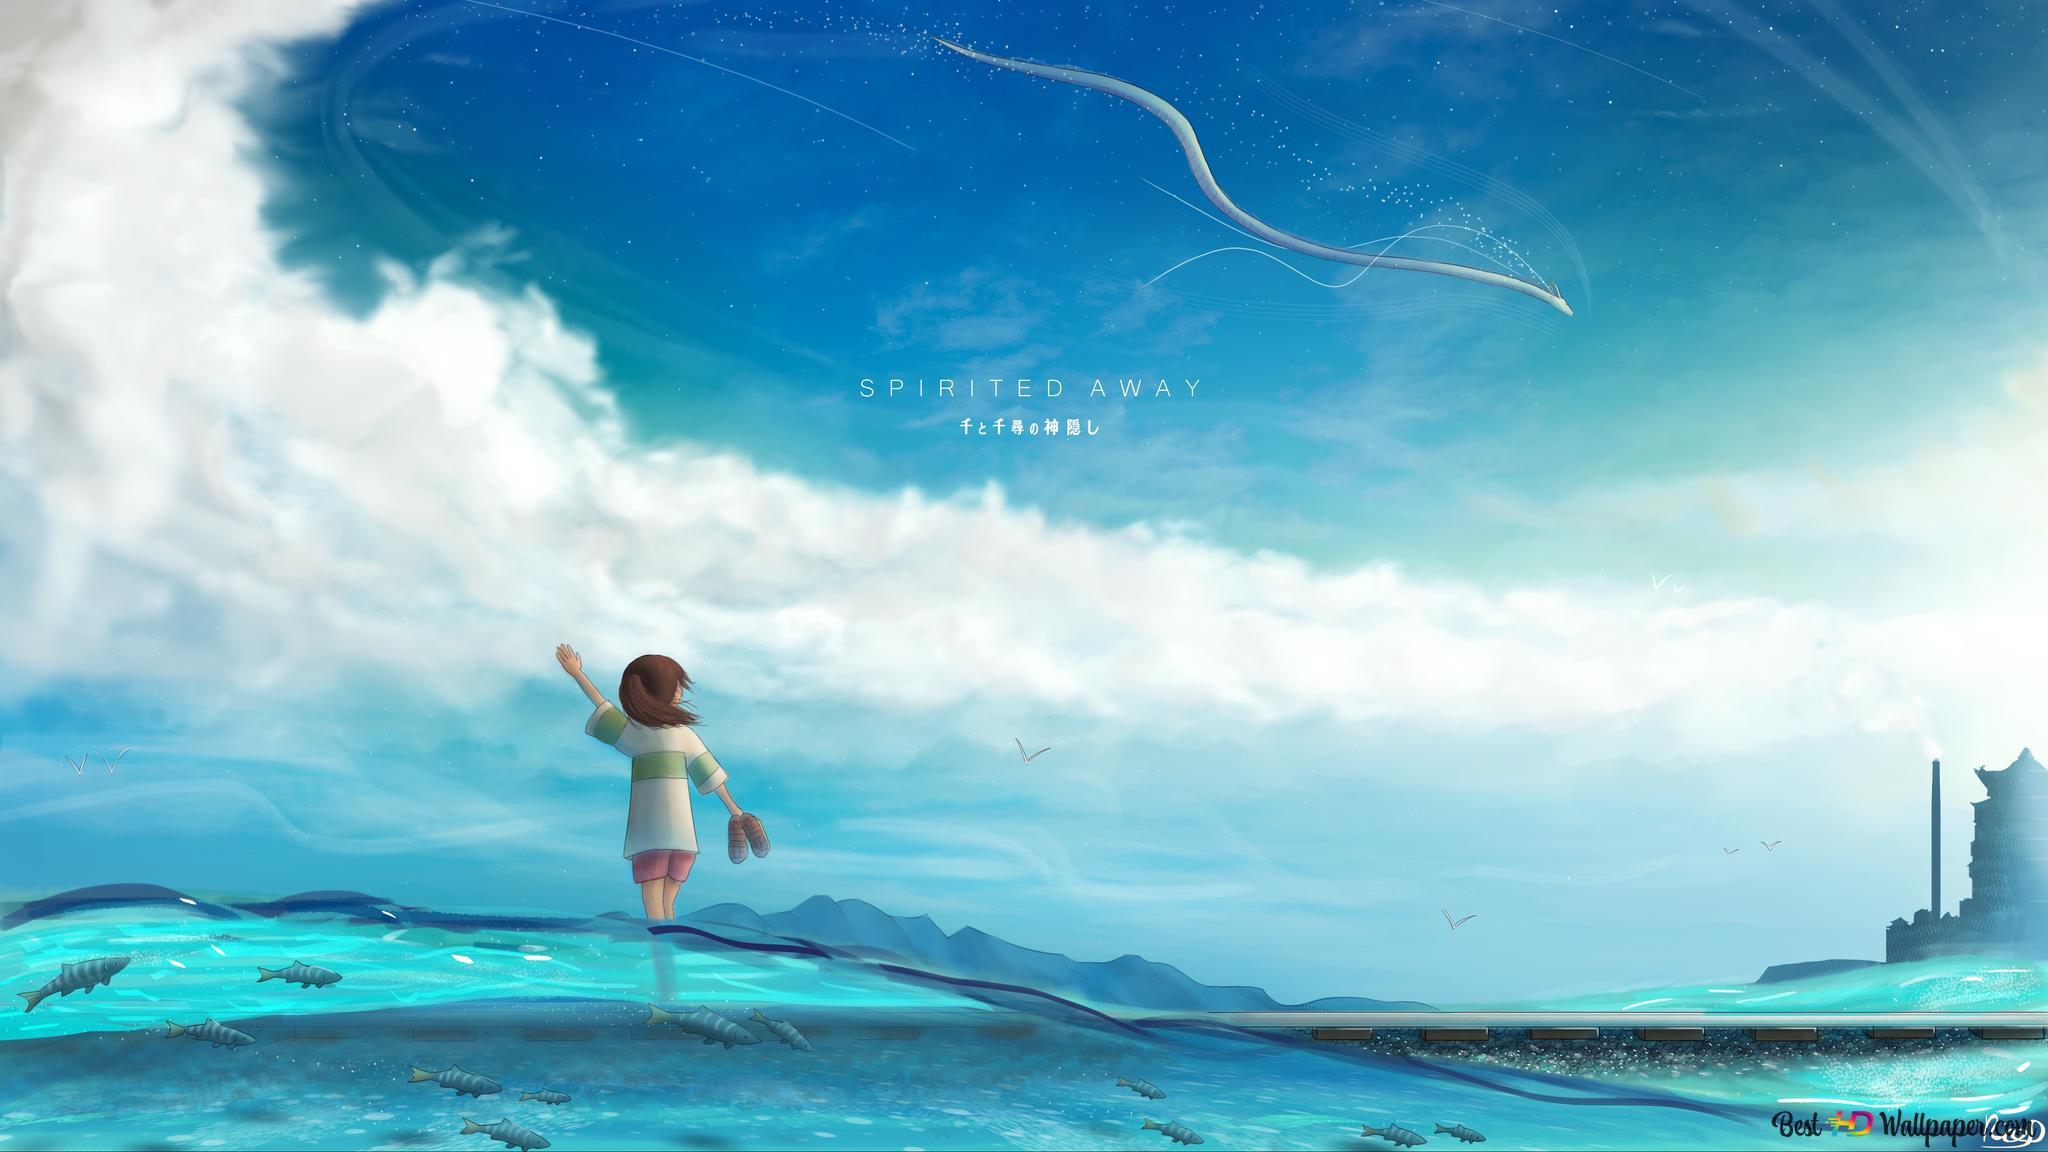 Spirited Away Chihiro Ogino Unduhan Wallpaper Hd